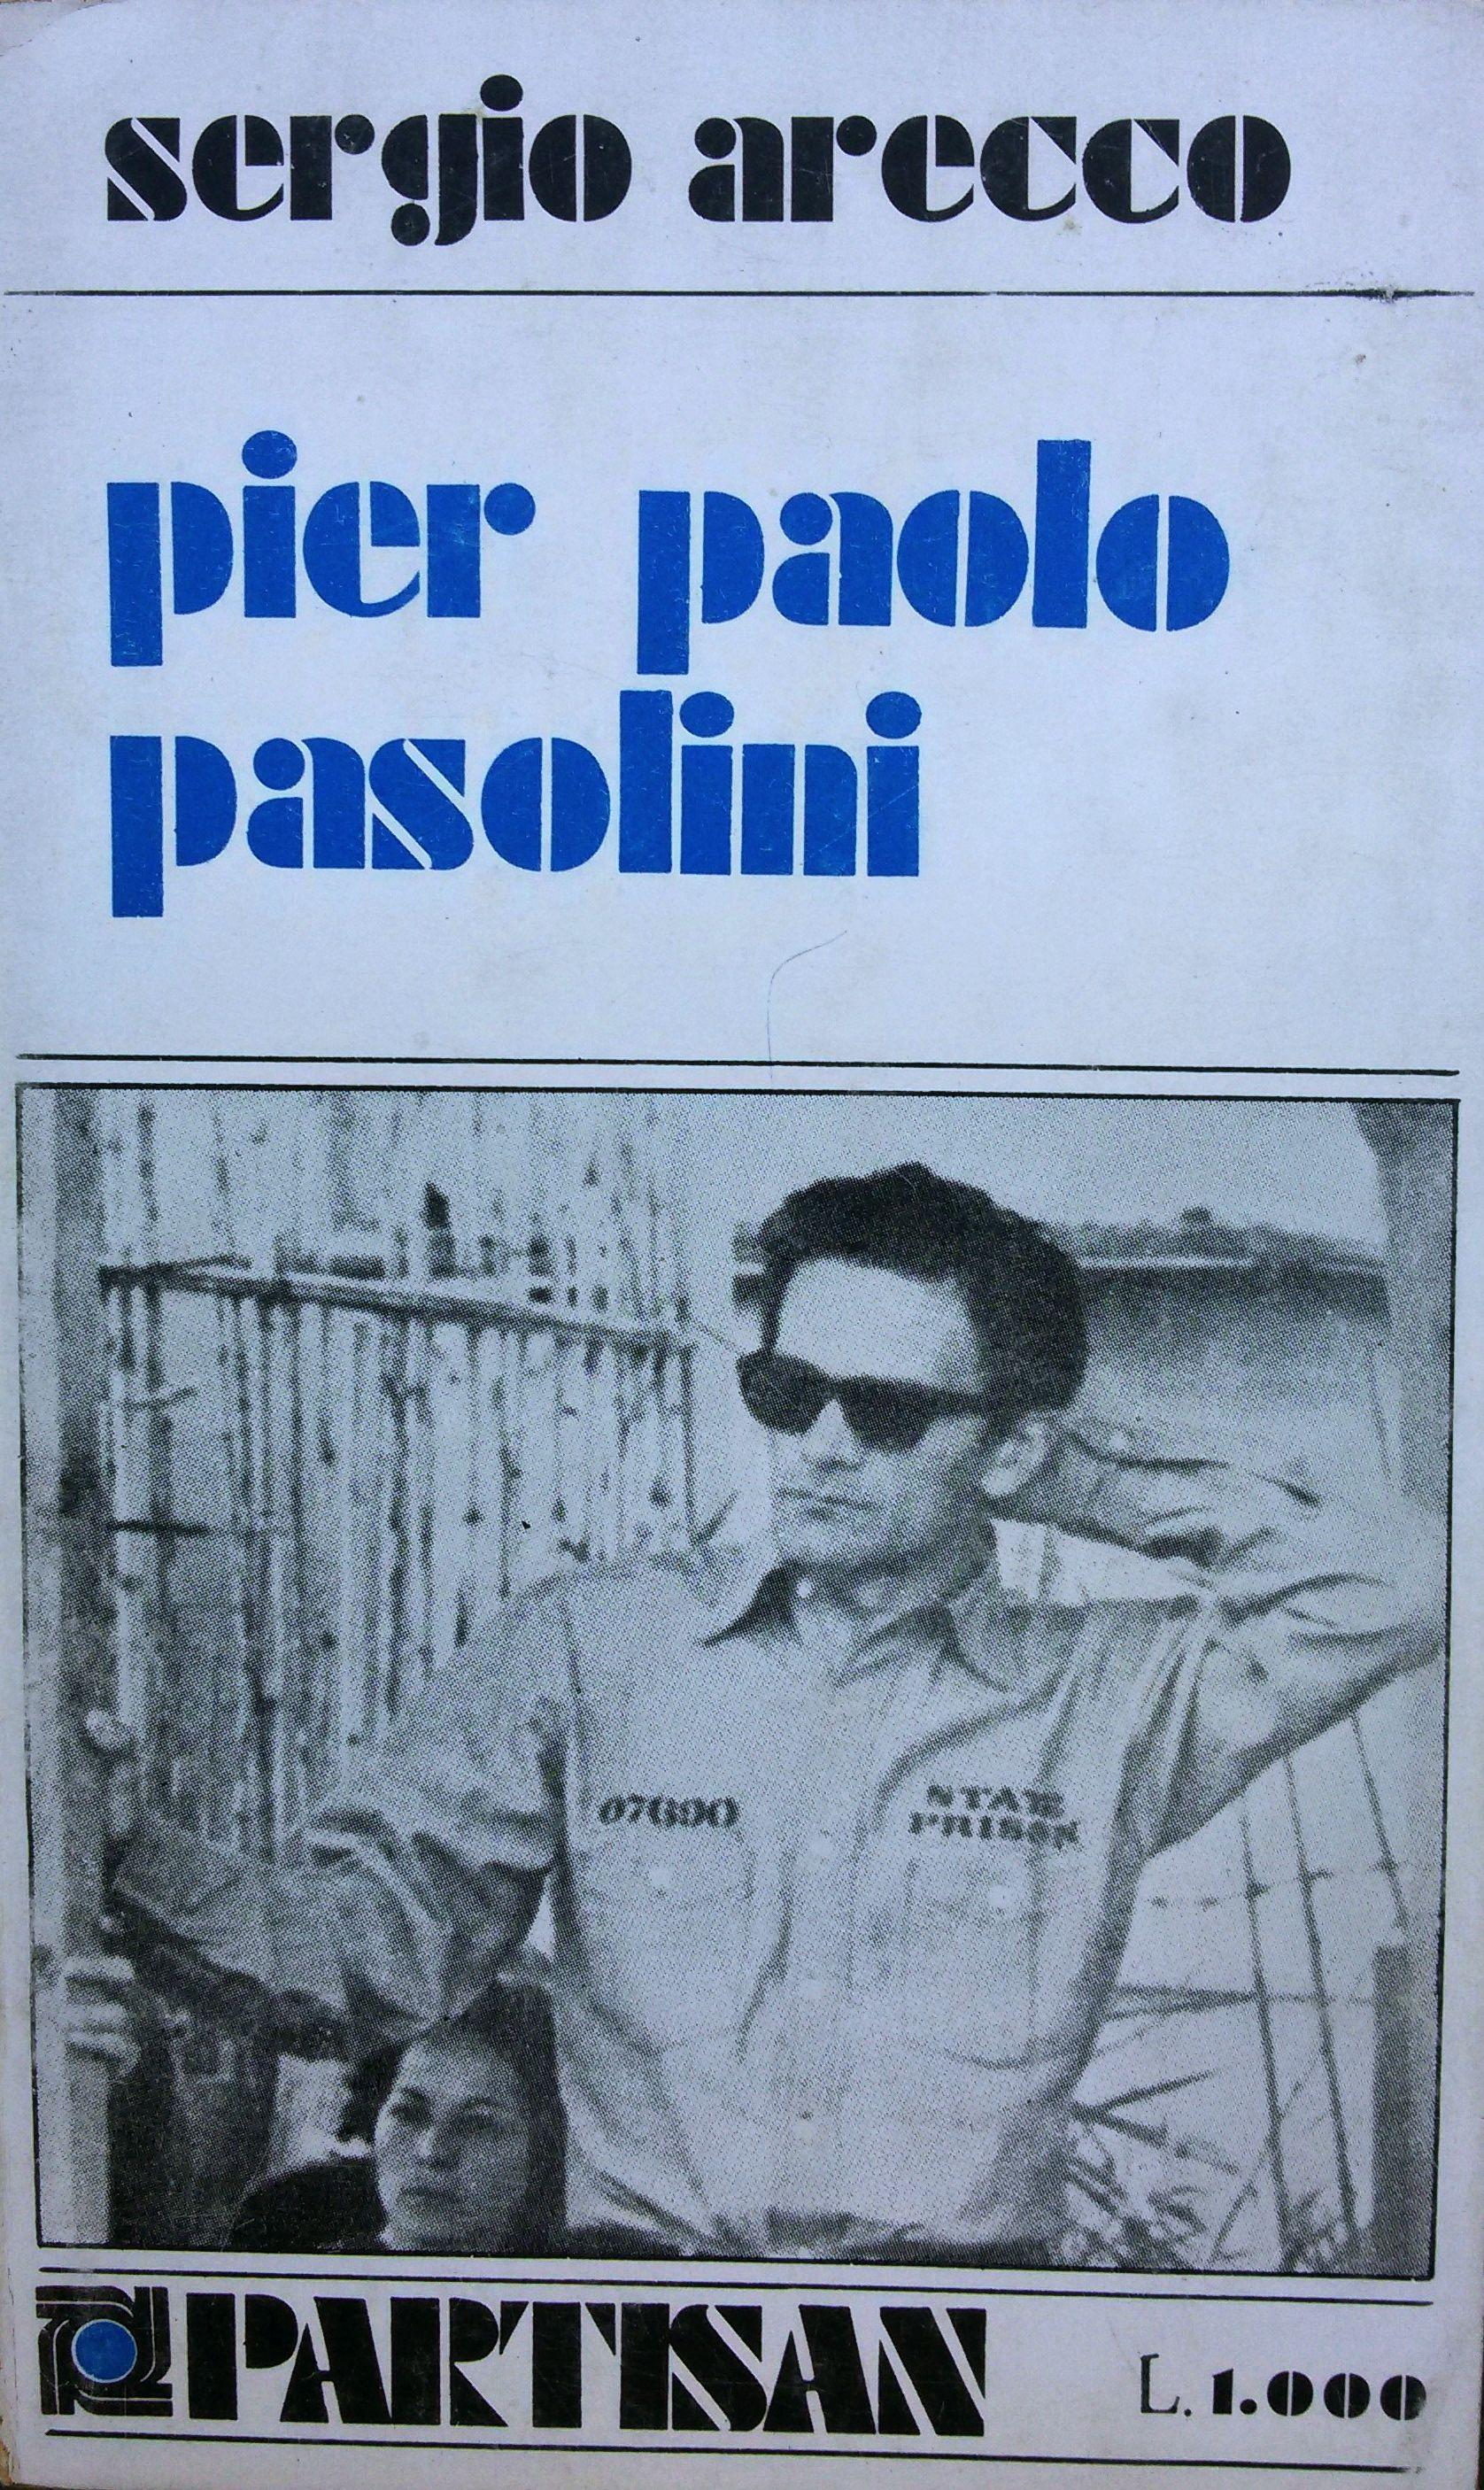 Pier Paolo Pasolini di Sergio Arecco (In appendice: Conversazione con Pier Paolo Pasolini) – Prima edizione